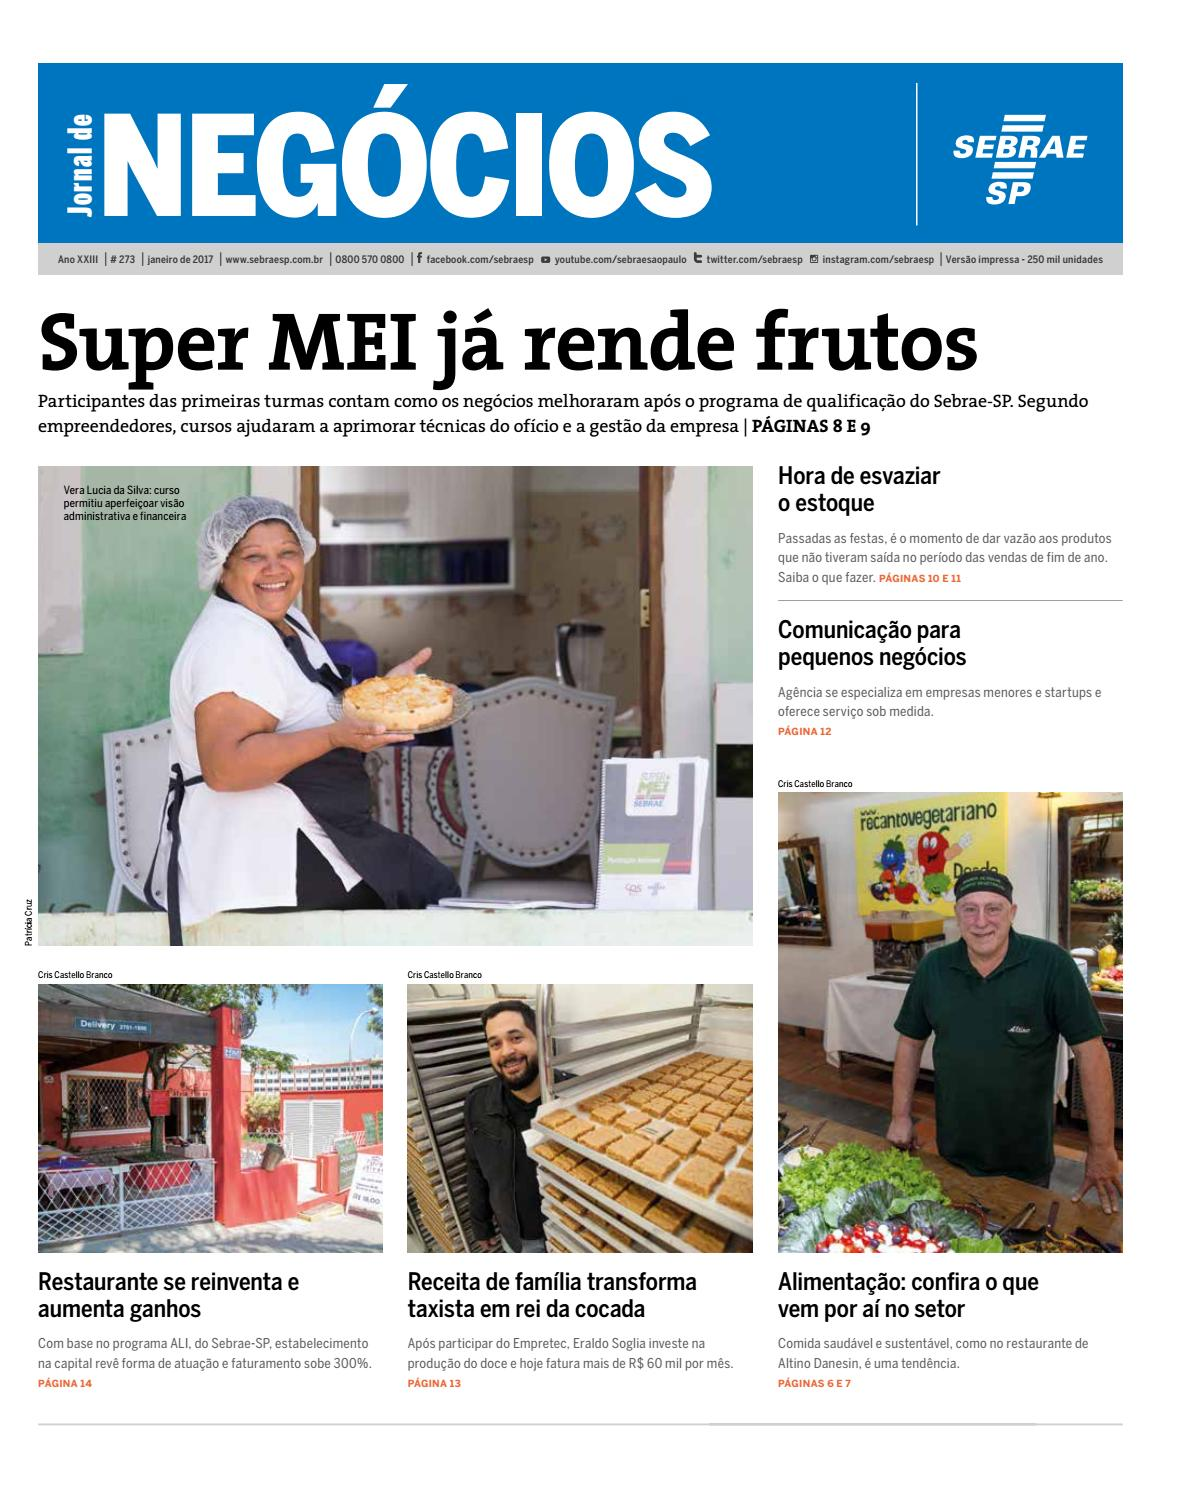 Jornal de Negócios Sebrae-SP - 01 de Janeiro de 2017 by Sebrae-SP - issuu 8d79609bf0987